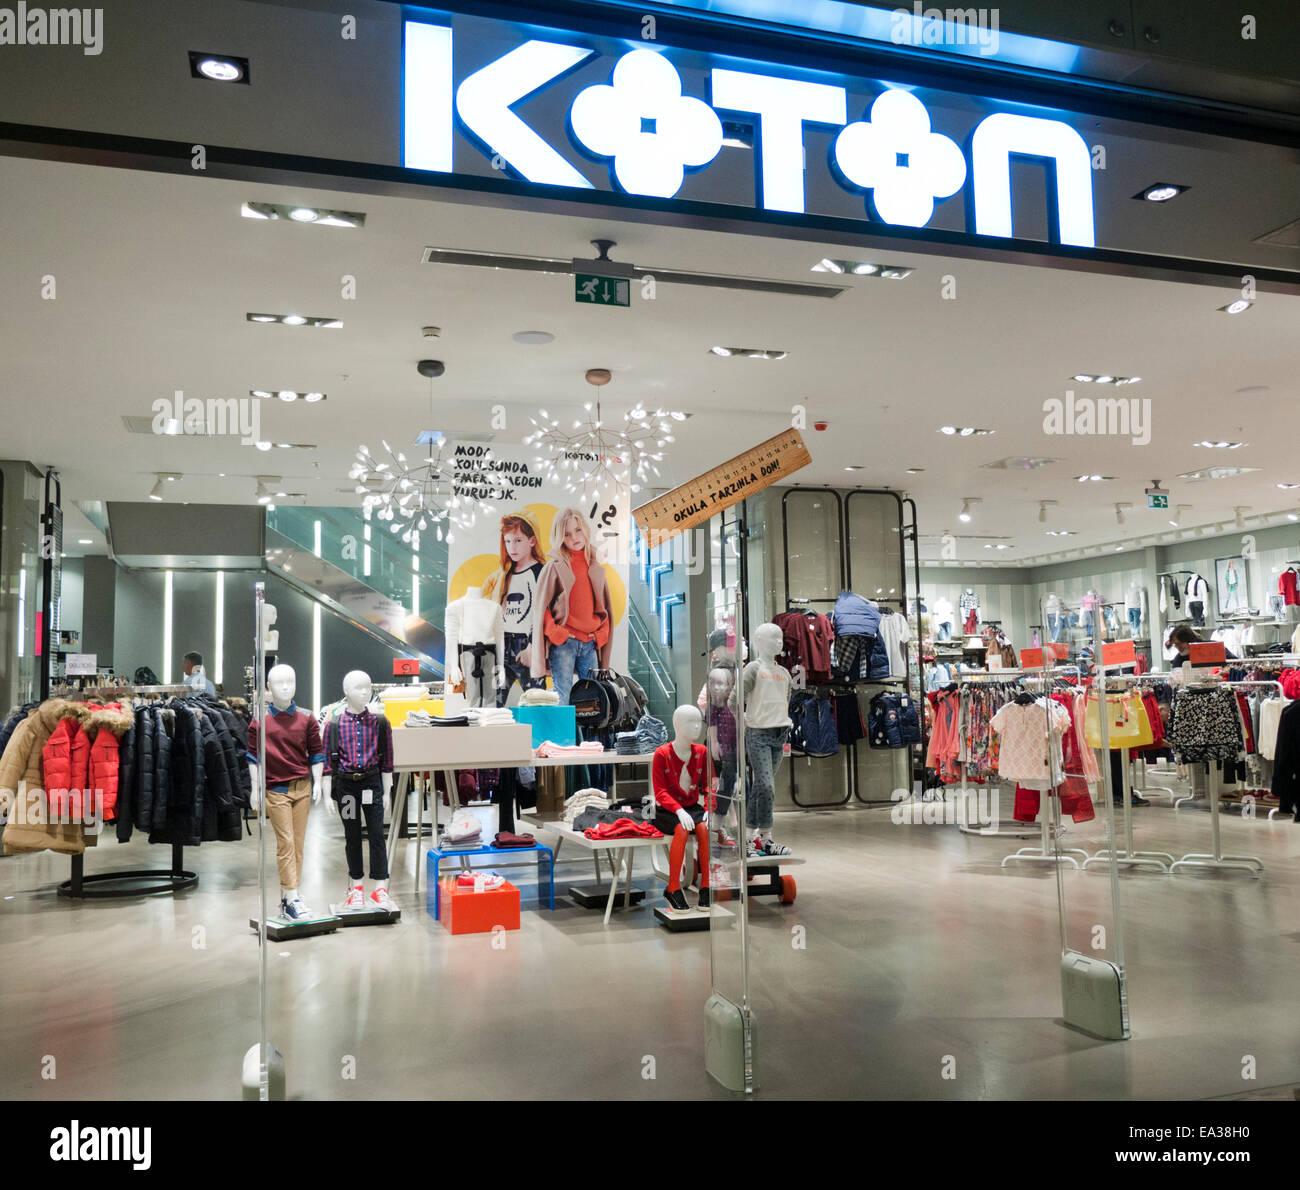 Koton Stock Photo 75060636 Alamy